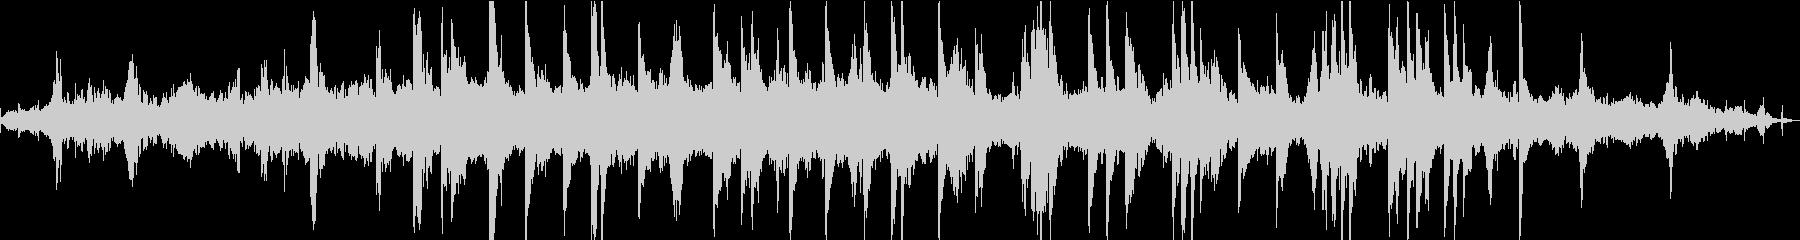 ディストピア感近未来感あるピアノBGMの未再生の波形